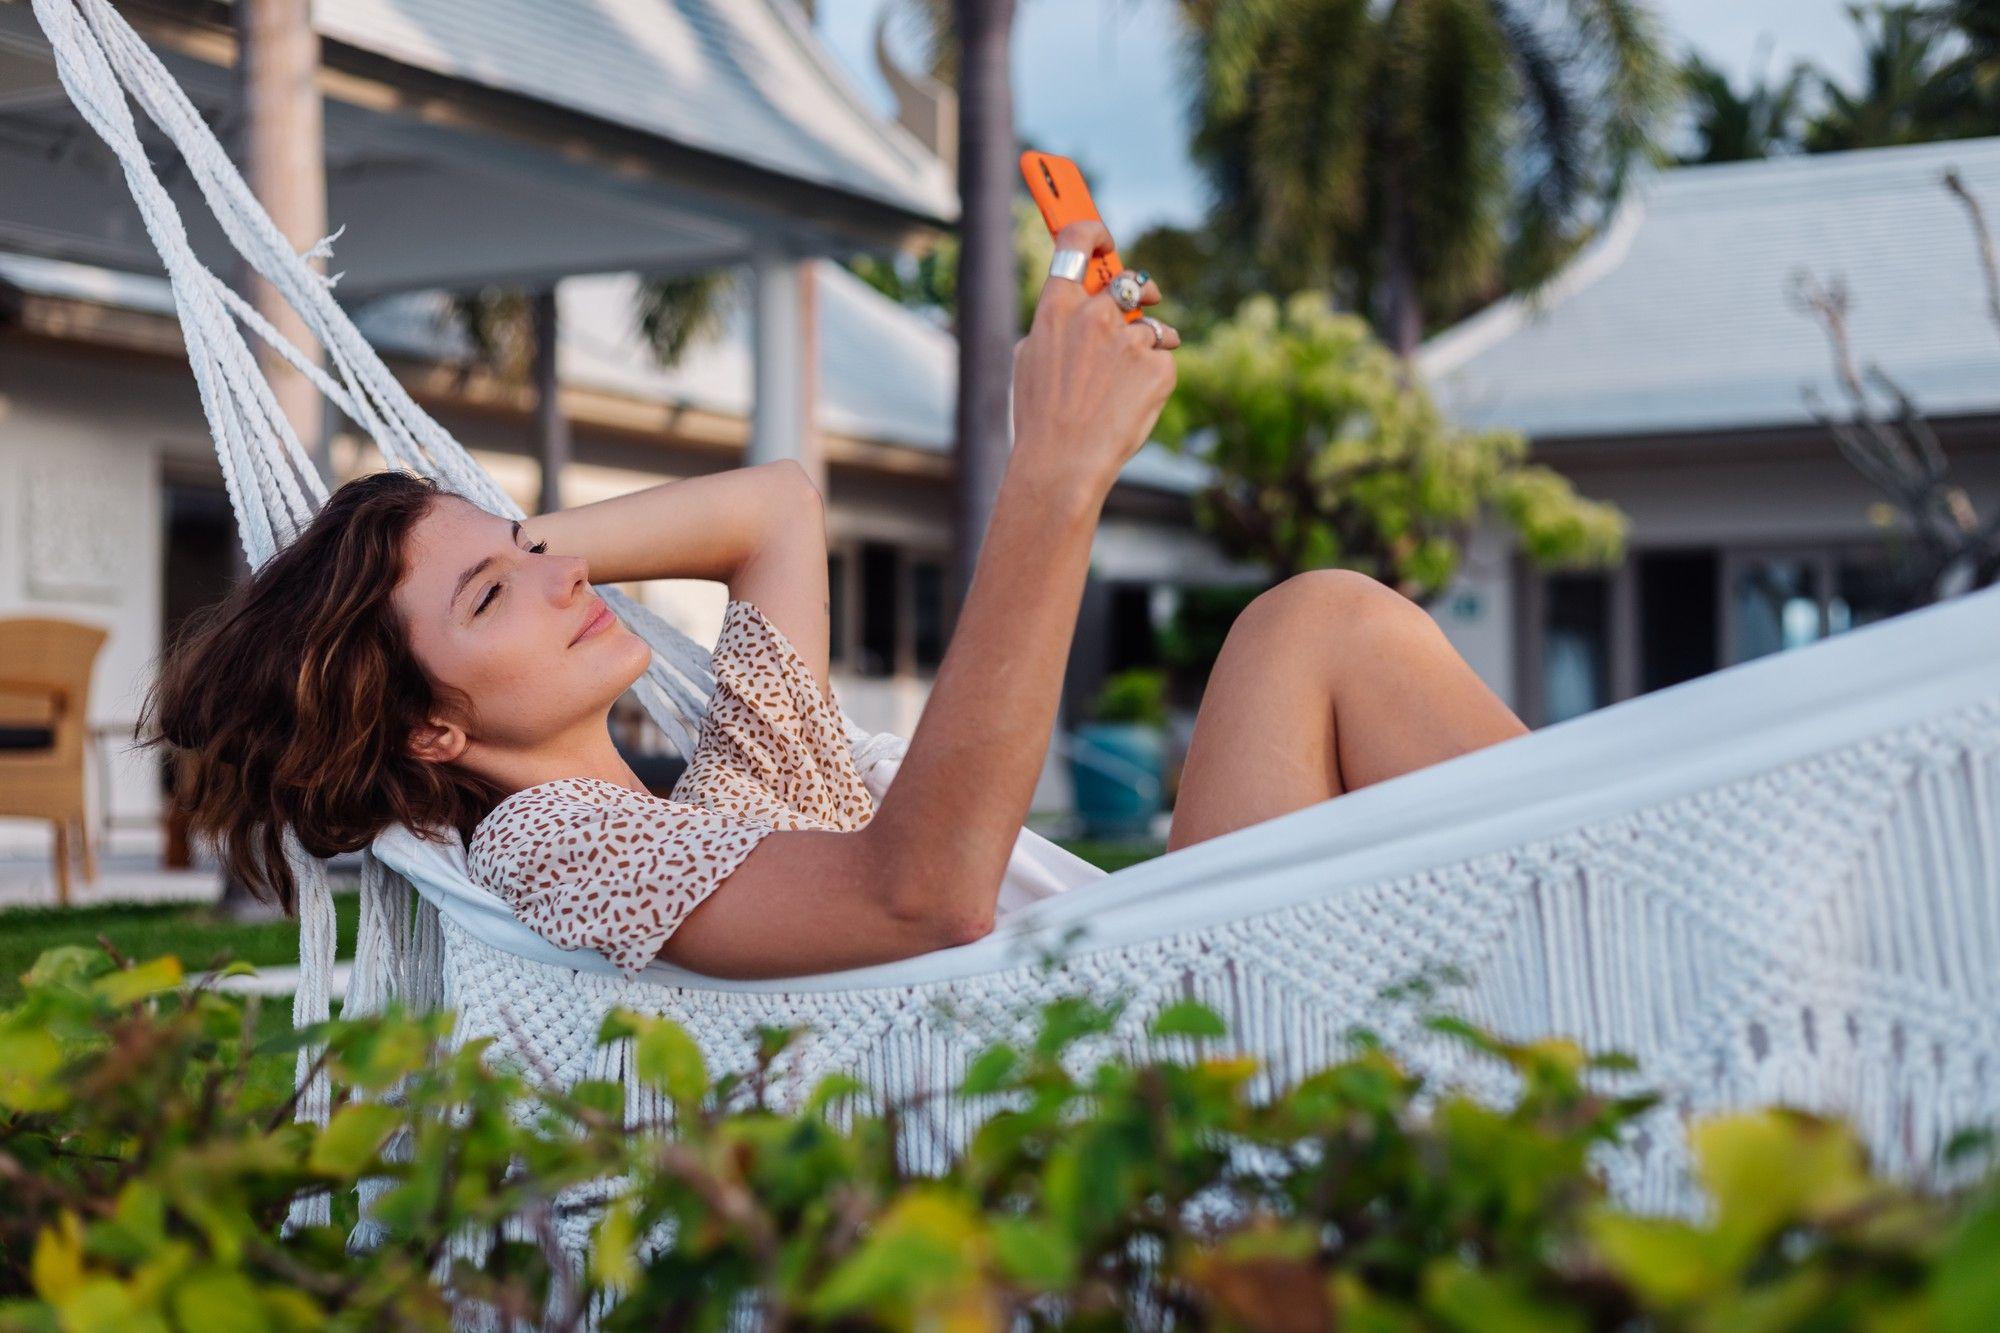 Las vacaciones con ortodoncia usando Dental Monitoring permiten realizar un seguimiento desde casa, desde la playa o desde cualquier lugar